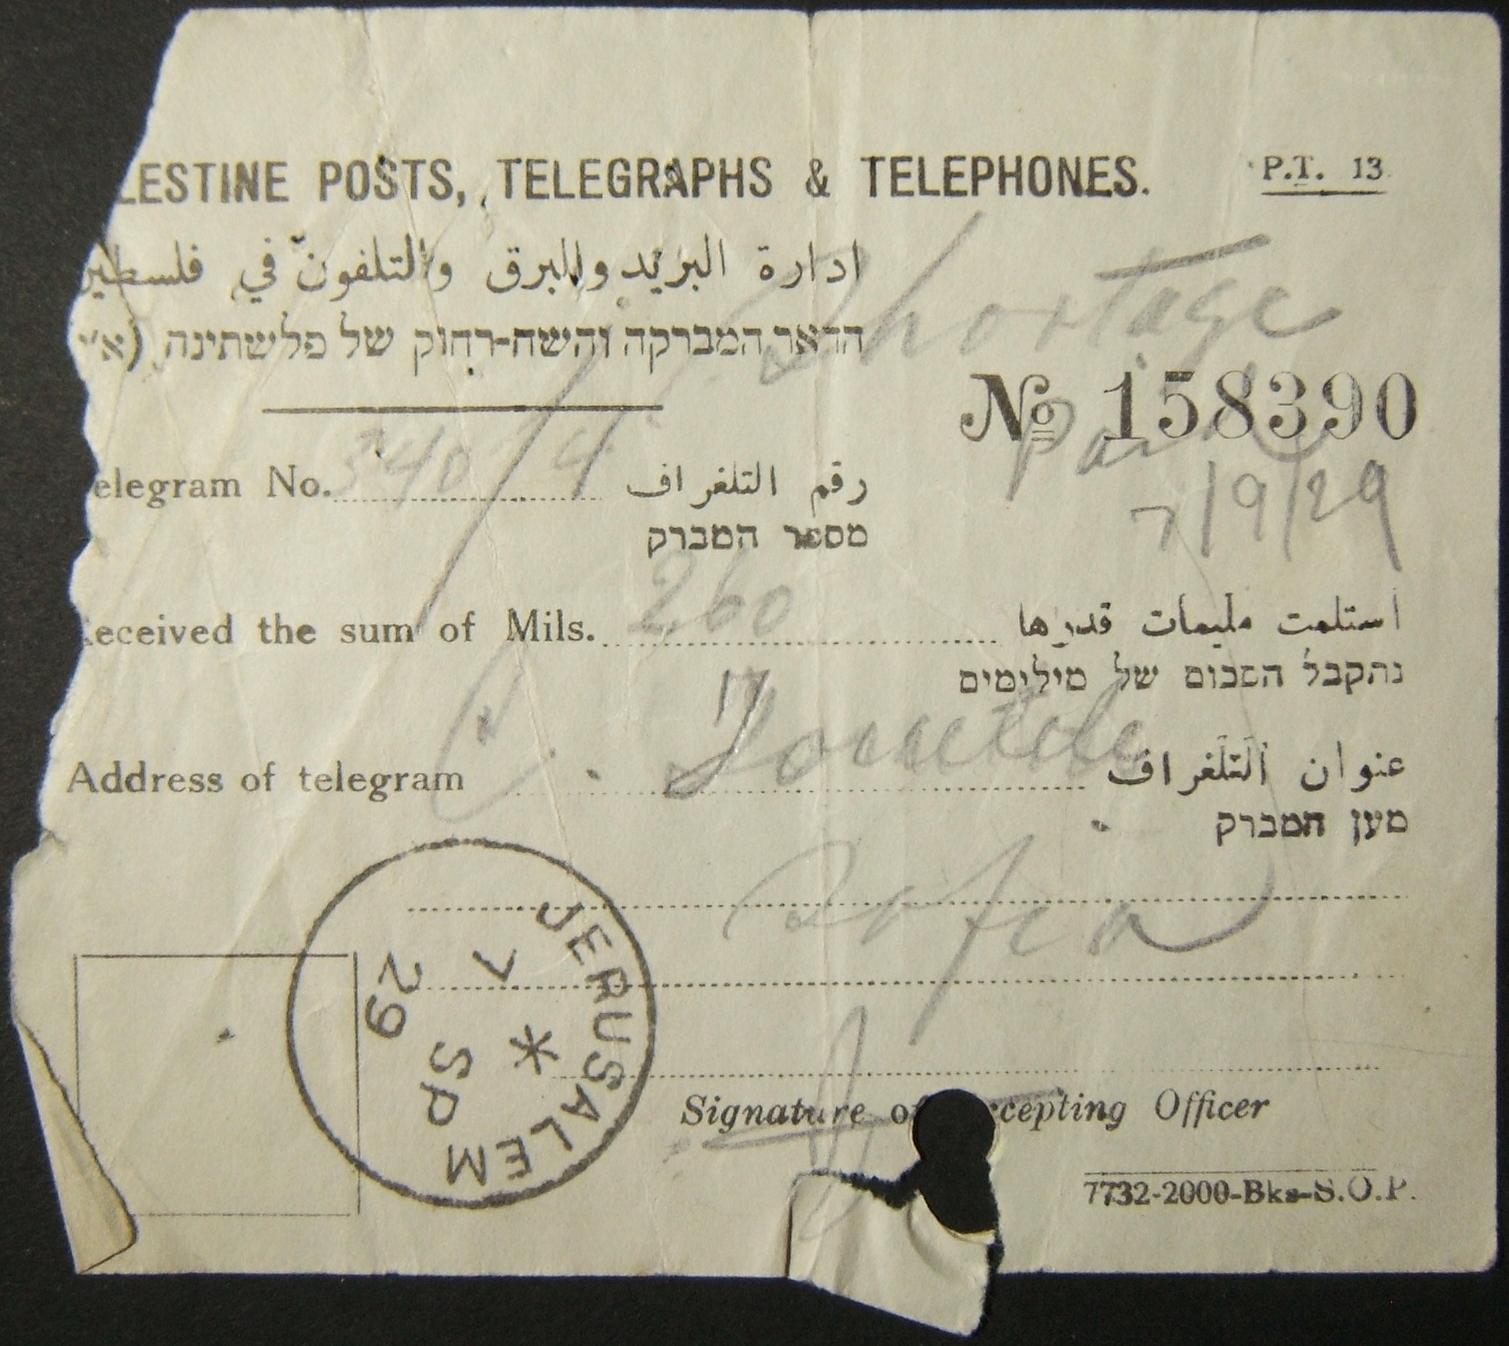 فلسطين الانتداب غير المسجل عام 1929 القدس 24mm دائرة واحدة على شكل datestamp